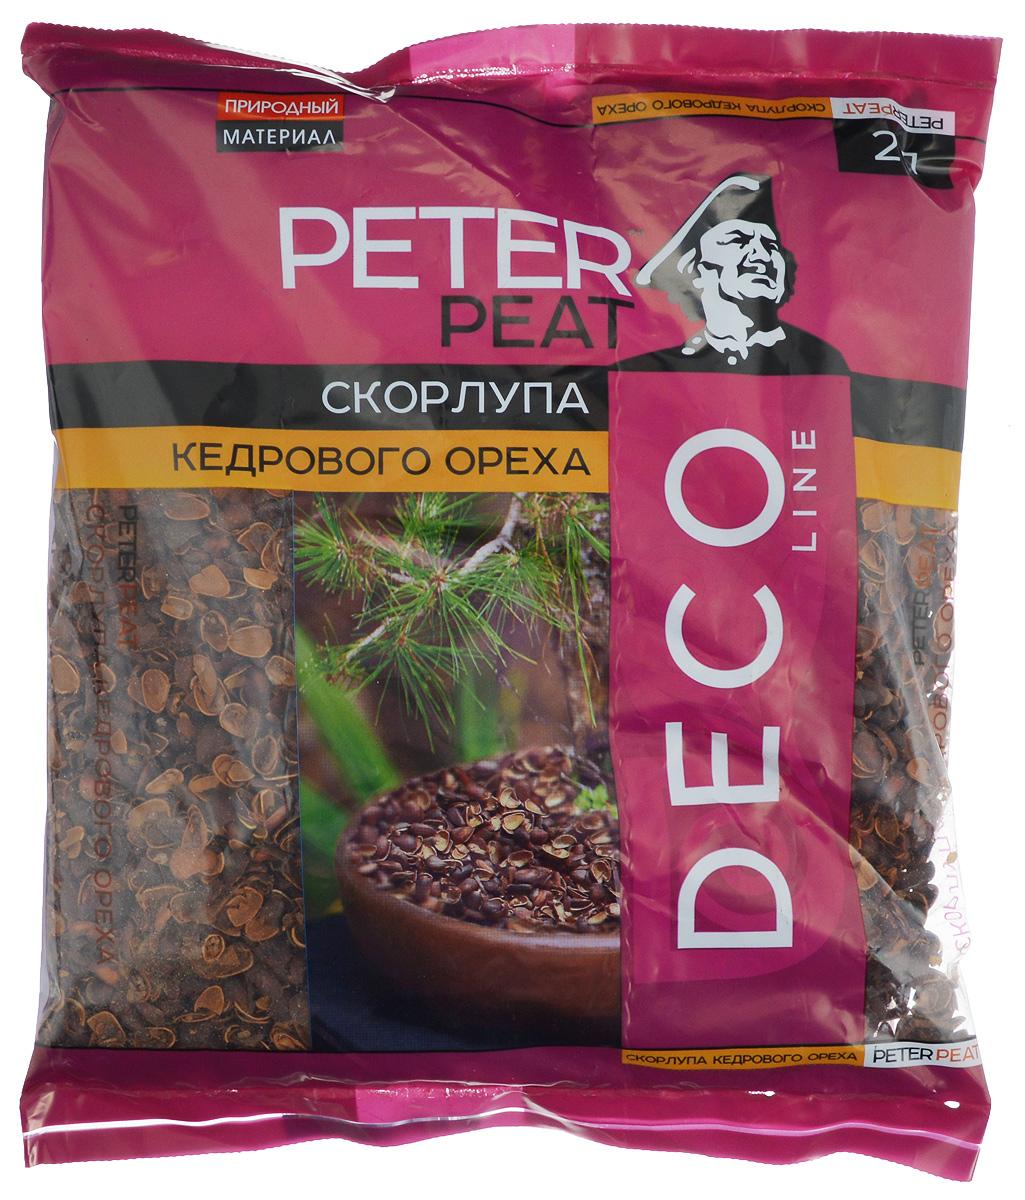 Скорлупа кедрового ореха Peter Peat, 2 лC0038550Скорлупа кедрового ореха Peter Peat - декоративный мульчирующий материал, сохраняющий влагу в почве. Защищает корневую систему растений от вымерзания, способствует росту корней. Предотвращает эрозию и засоление почвы, препятствует образования почвенной корки. Улучшает влаго- и воздухопроницаемость почвы.Скорлупа кедрового ореха используется для формирования мягкого покрытия дорожек в саду. Красивый оттенок делает этот материал идеальным средством для декорирования грядок, клумб, и других элементов ландшафтного дизайна.